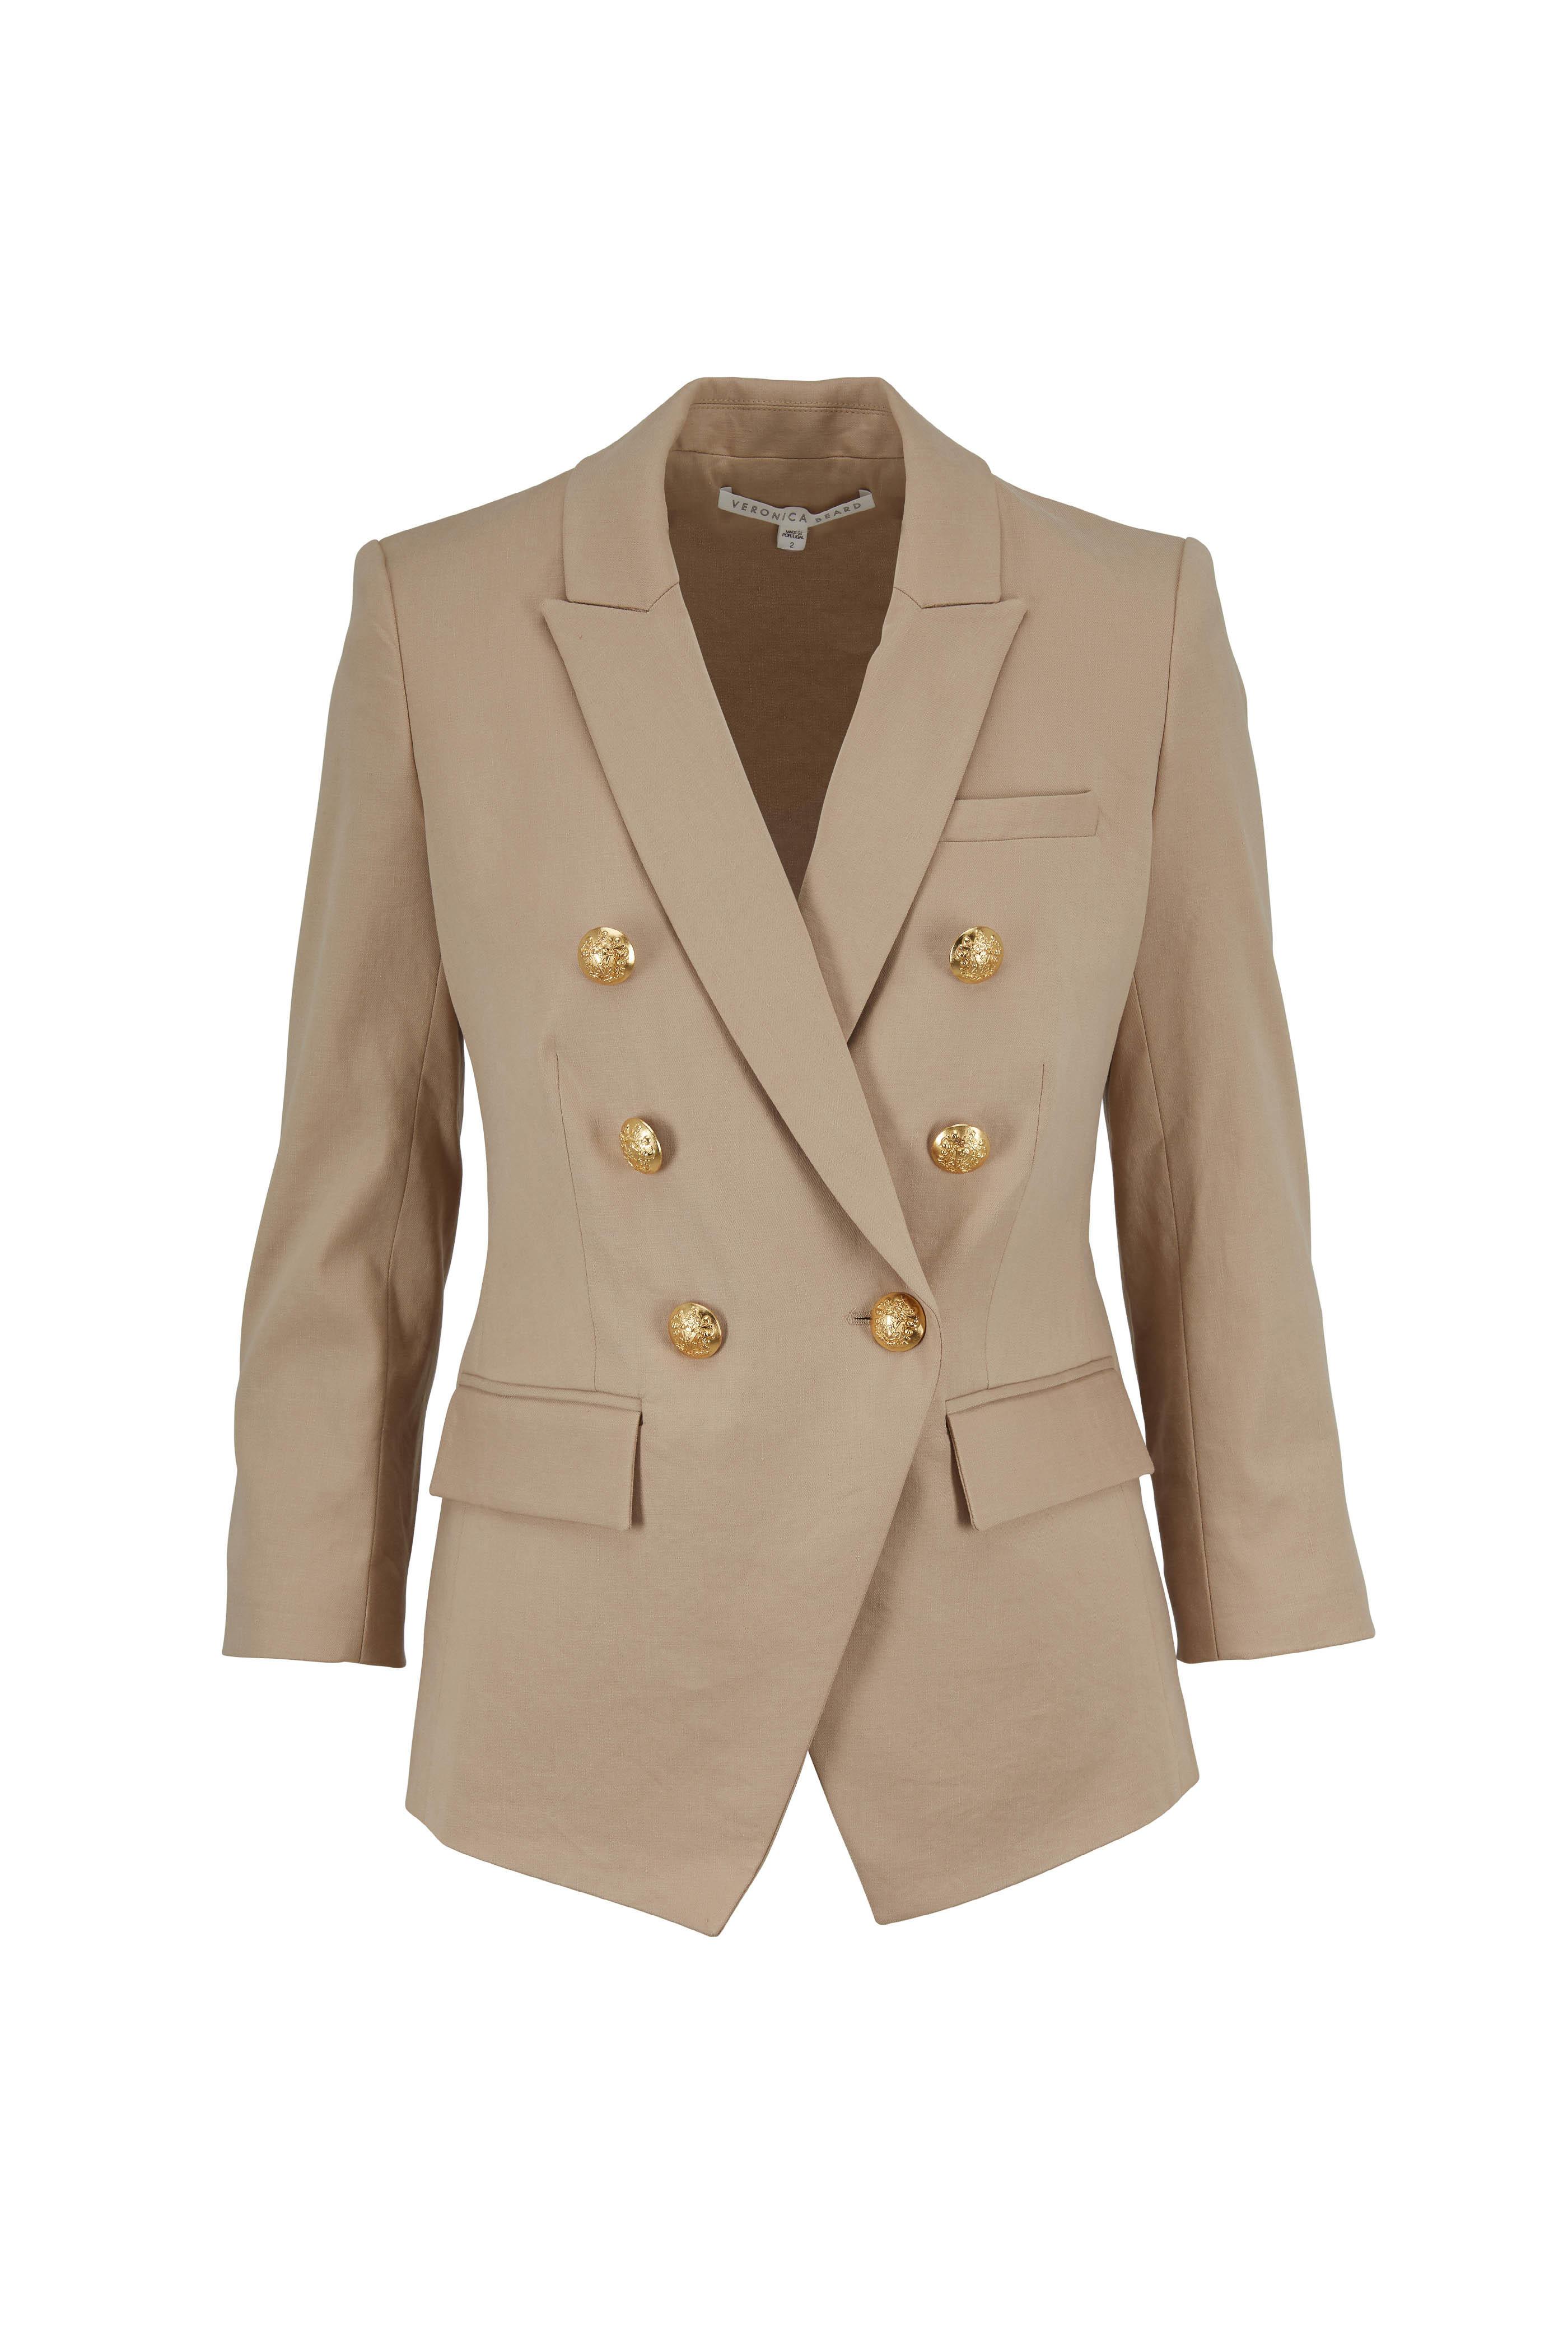 afd1e935c6d5 Veronica Beard - Empire Khaki Linen & Cotton Dickey Jacket ...